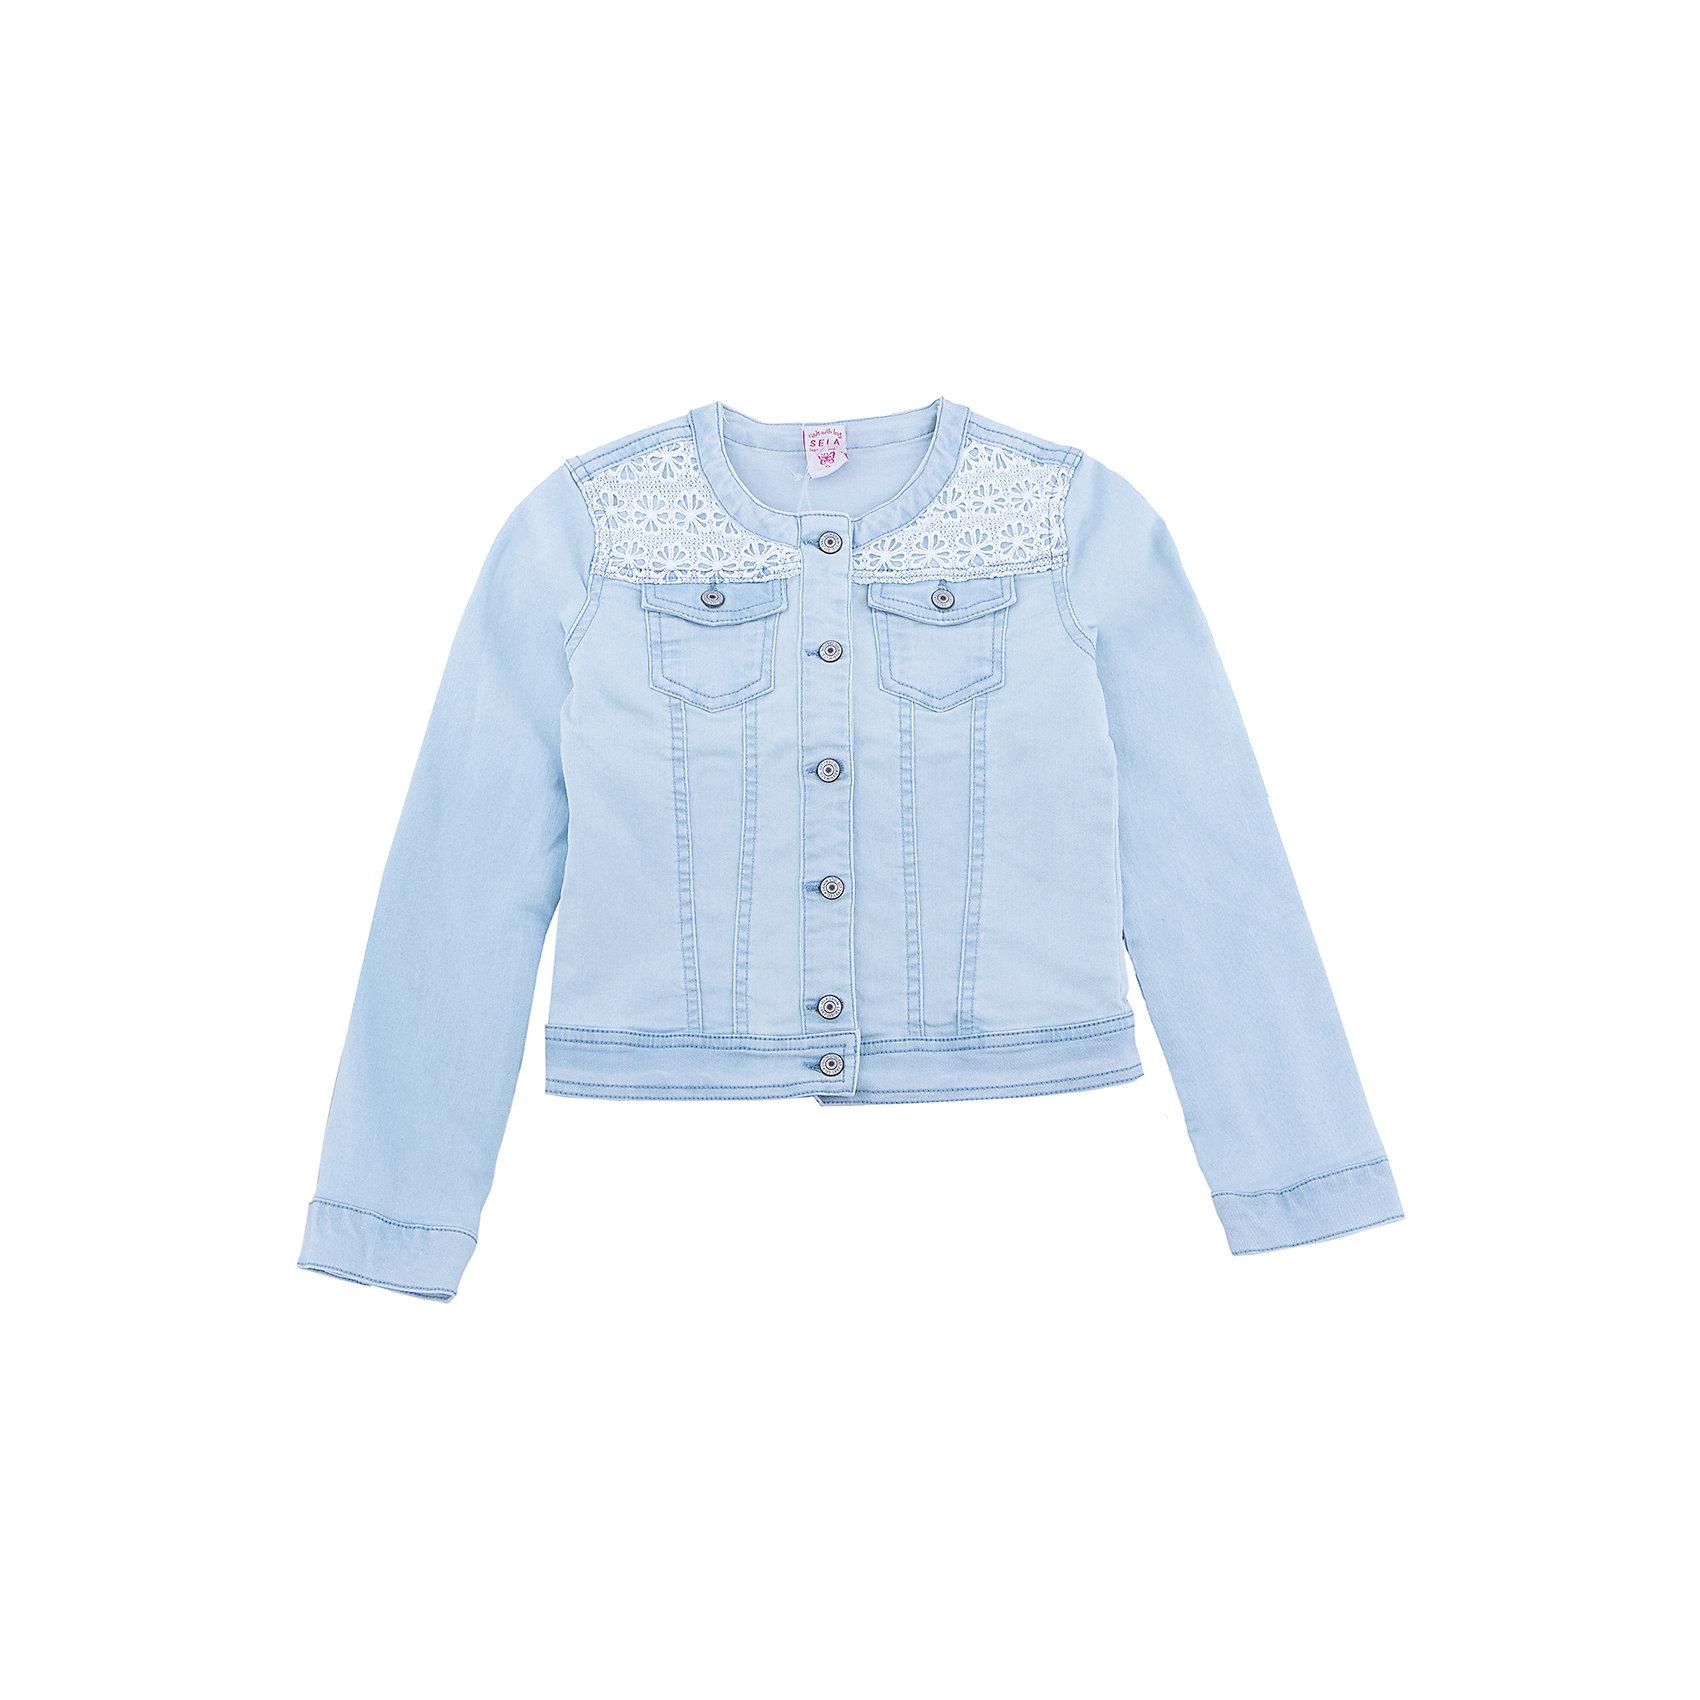 Куртка джинсовая для девочки SELAДжинсовая одежда<br>Куртка для девочки от известного бренда SELA<br>Состав:<br>78% хлопок, 21% ПЭ, 1% эластан<br><br>Ширина мм: 190<br>Глубина мм: 74<br>Высота мм: 229<br>Вес г: 236<br>Цвет: голубой<br>Возраст от месяцев: 96<br>Возраст до месяцев: 108<br>Пол: Женский<br>Возраст: Детский<br>Размер: 140,146,152,116,122,128,134<br>SKU: 5305692